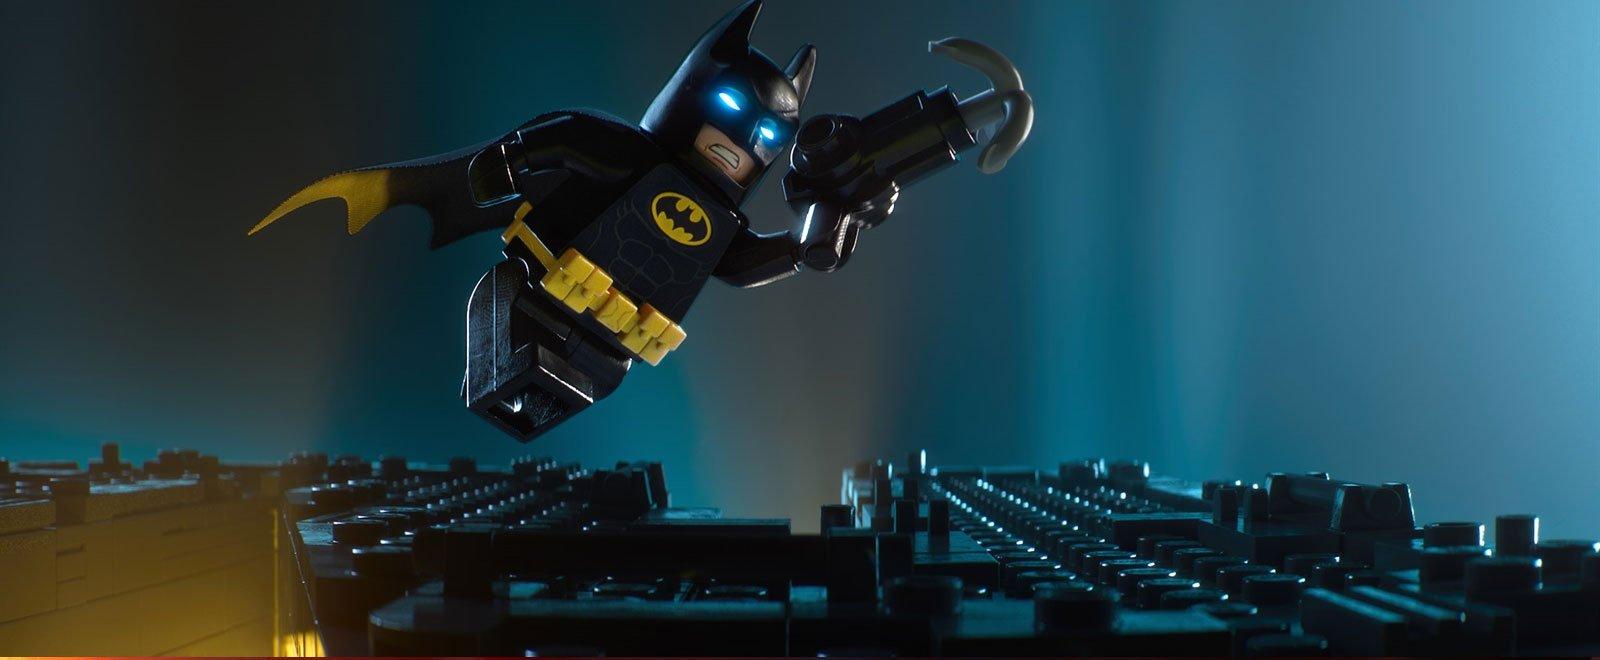 The LEGO Batman Movie / Lego Фільм: Бетмен